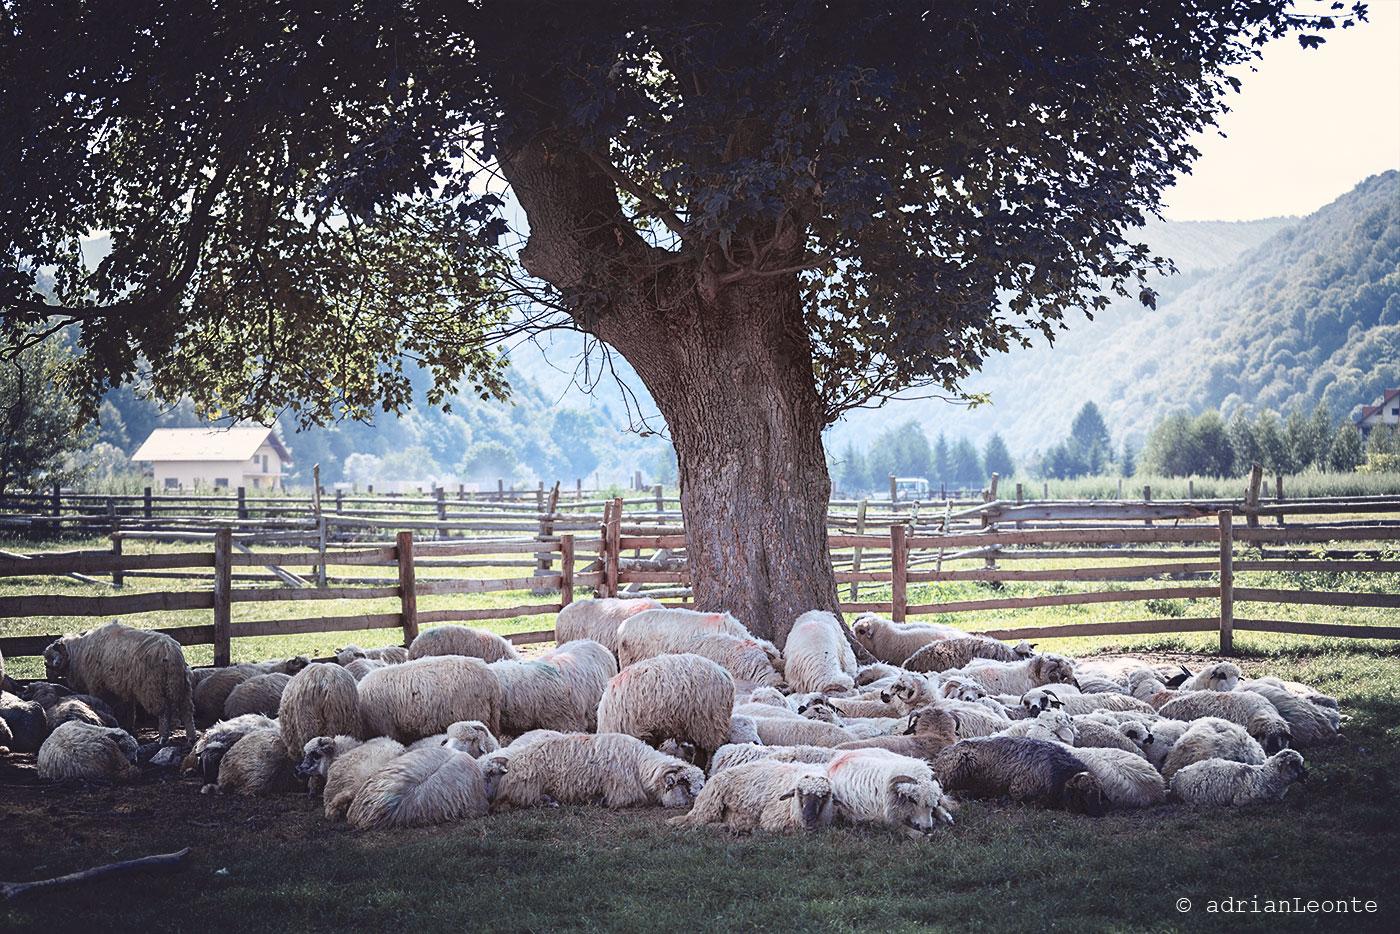 pastorale, plaiul foii, piatra craiului, toamna